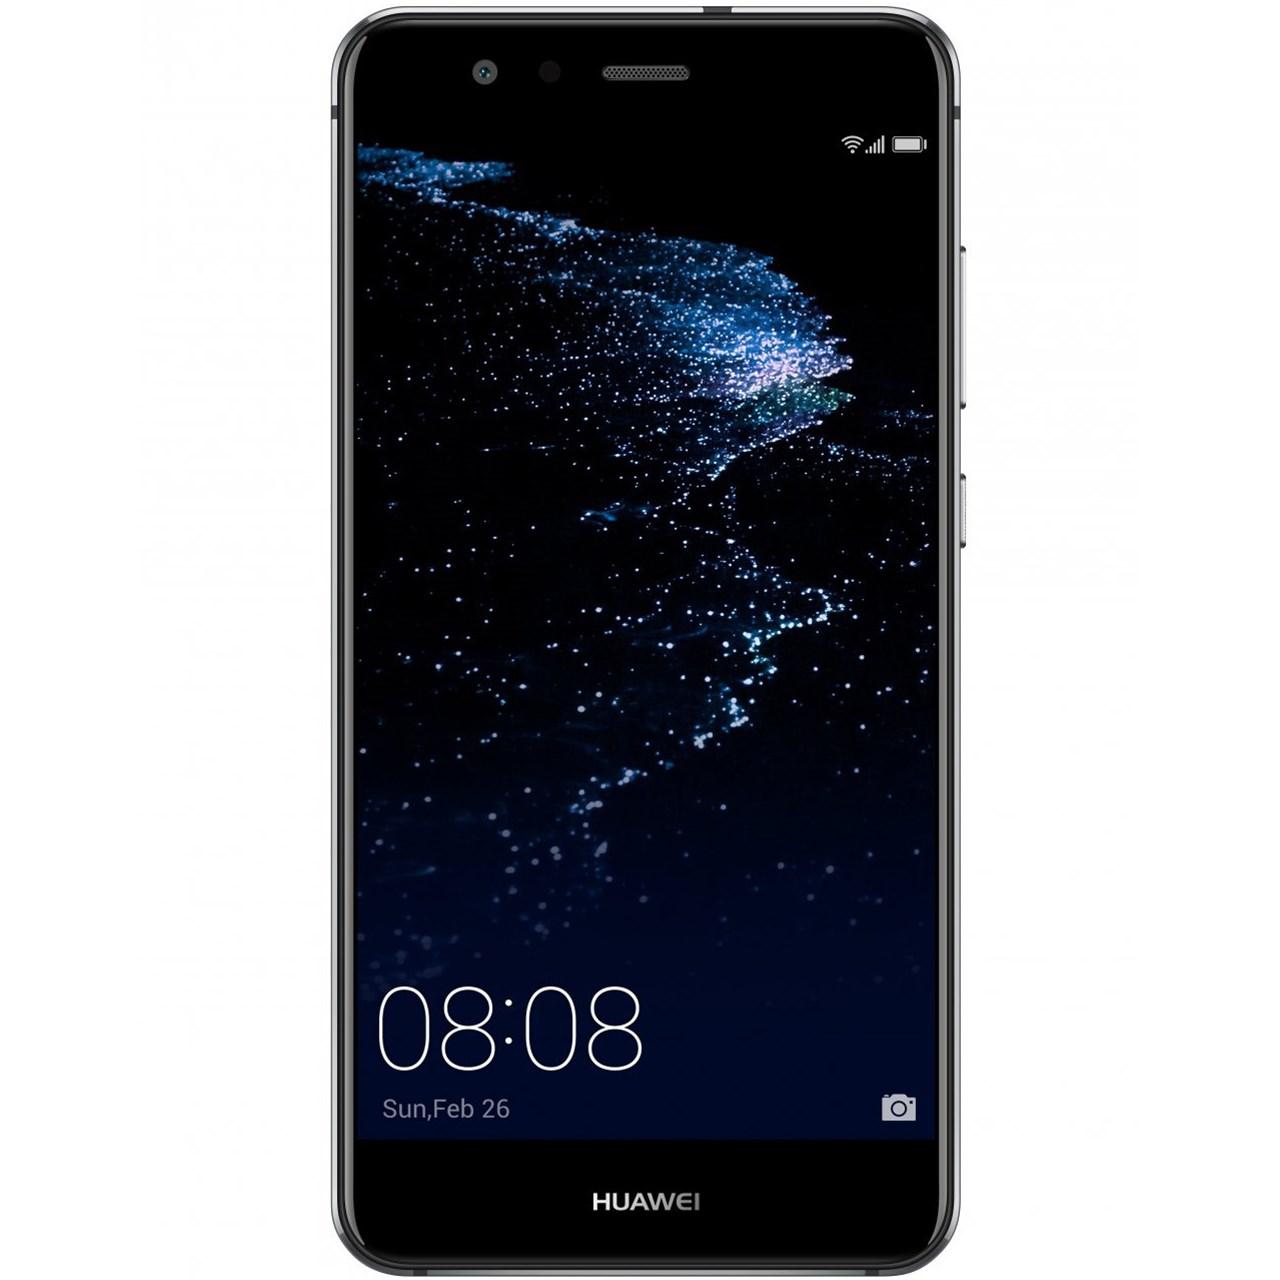 گوشی موبایل هوآوی مدل P10 Lite دو سیم کارت | Huawei P10 Lite Dual SIM Mobile Phone